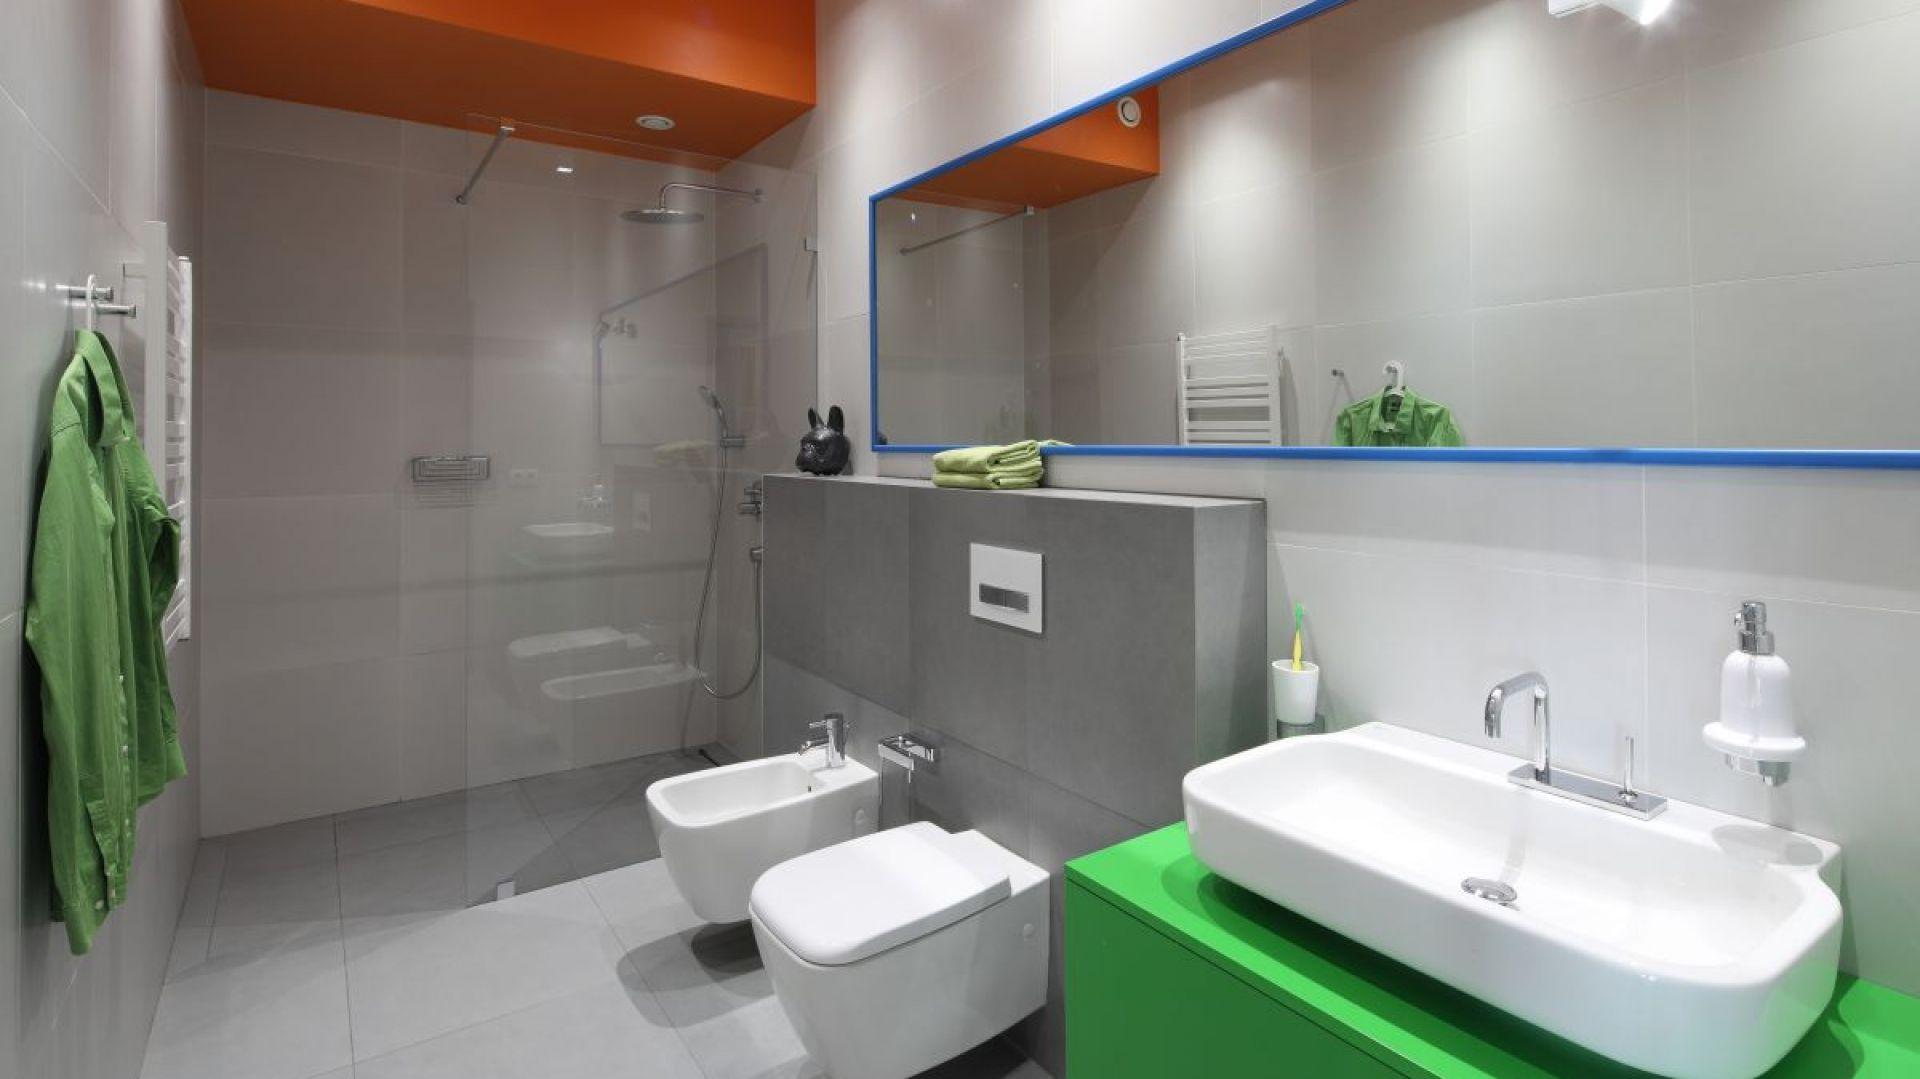 Strefa prysznica w narożniku. Proj. Konrad Grodziński. Fot. Bartosz Jarosz